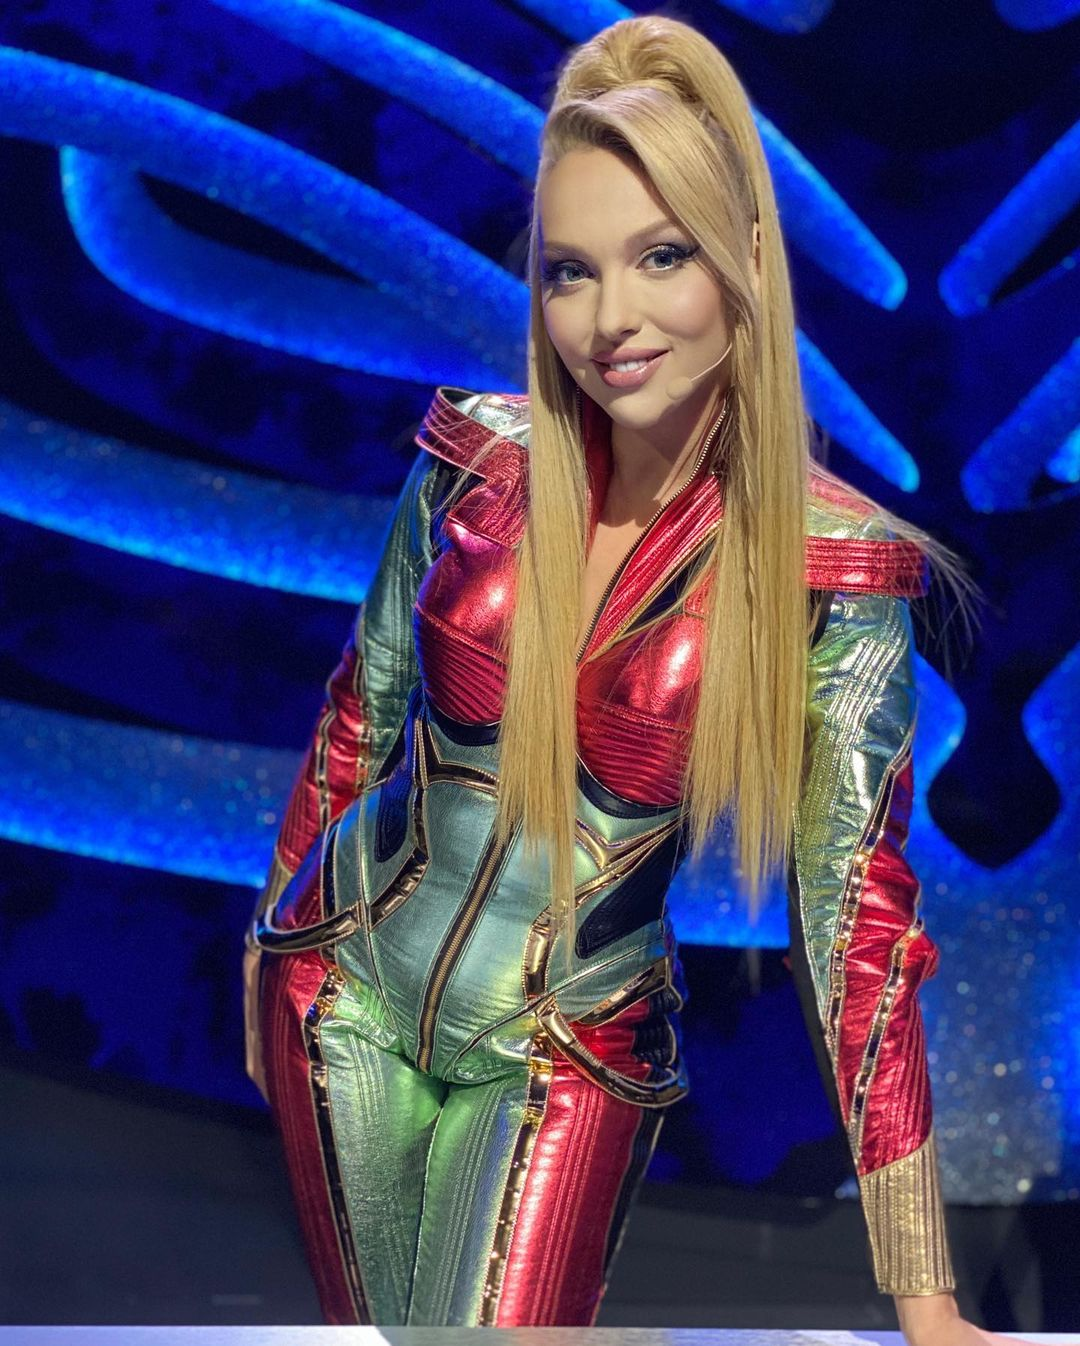 Оля Полякова предстала на публике в дерзком образе: 20-летняя девочка!